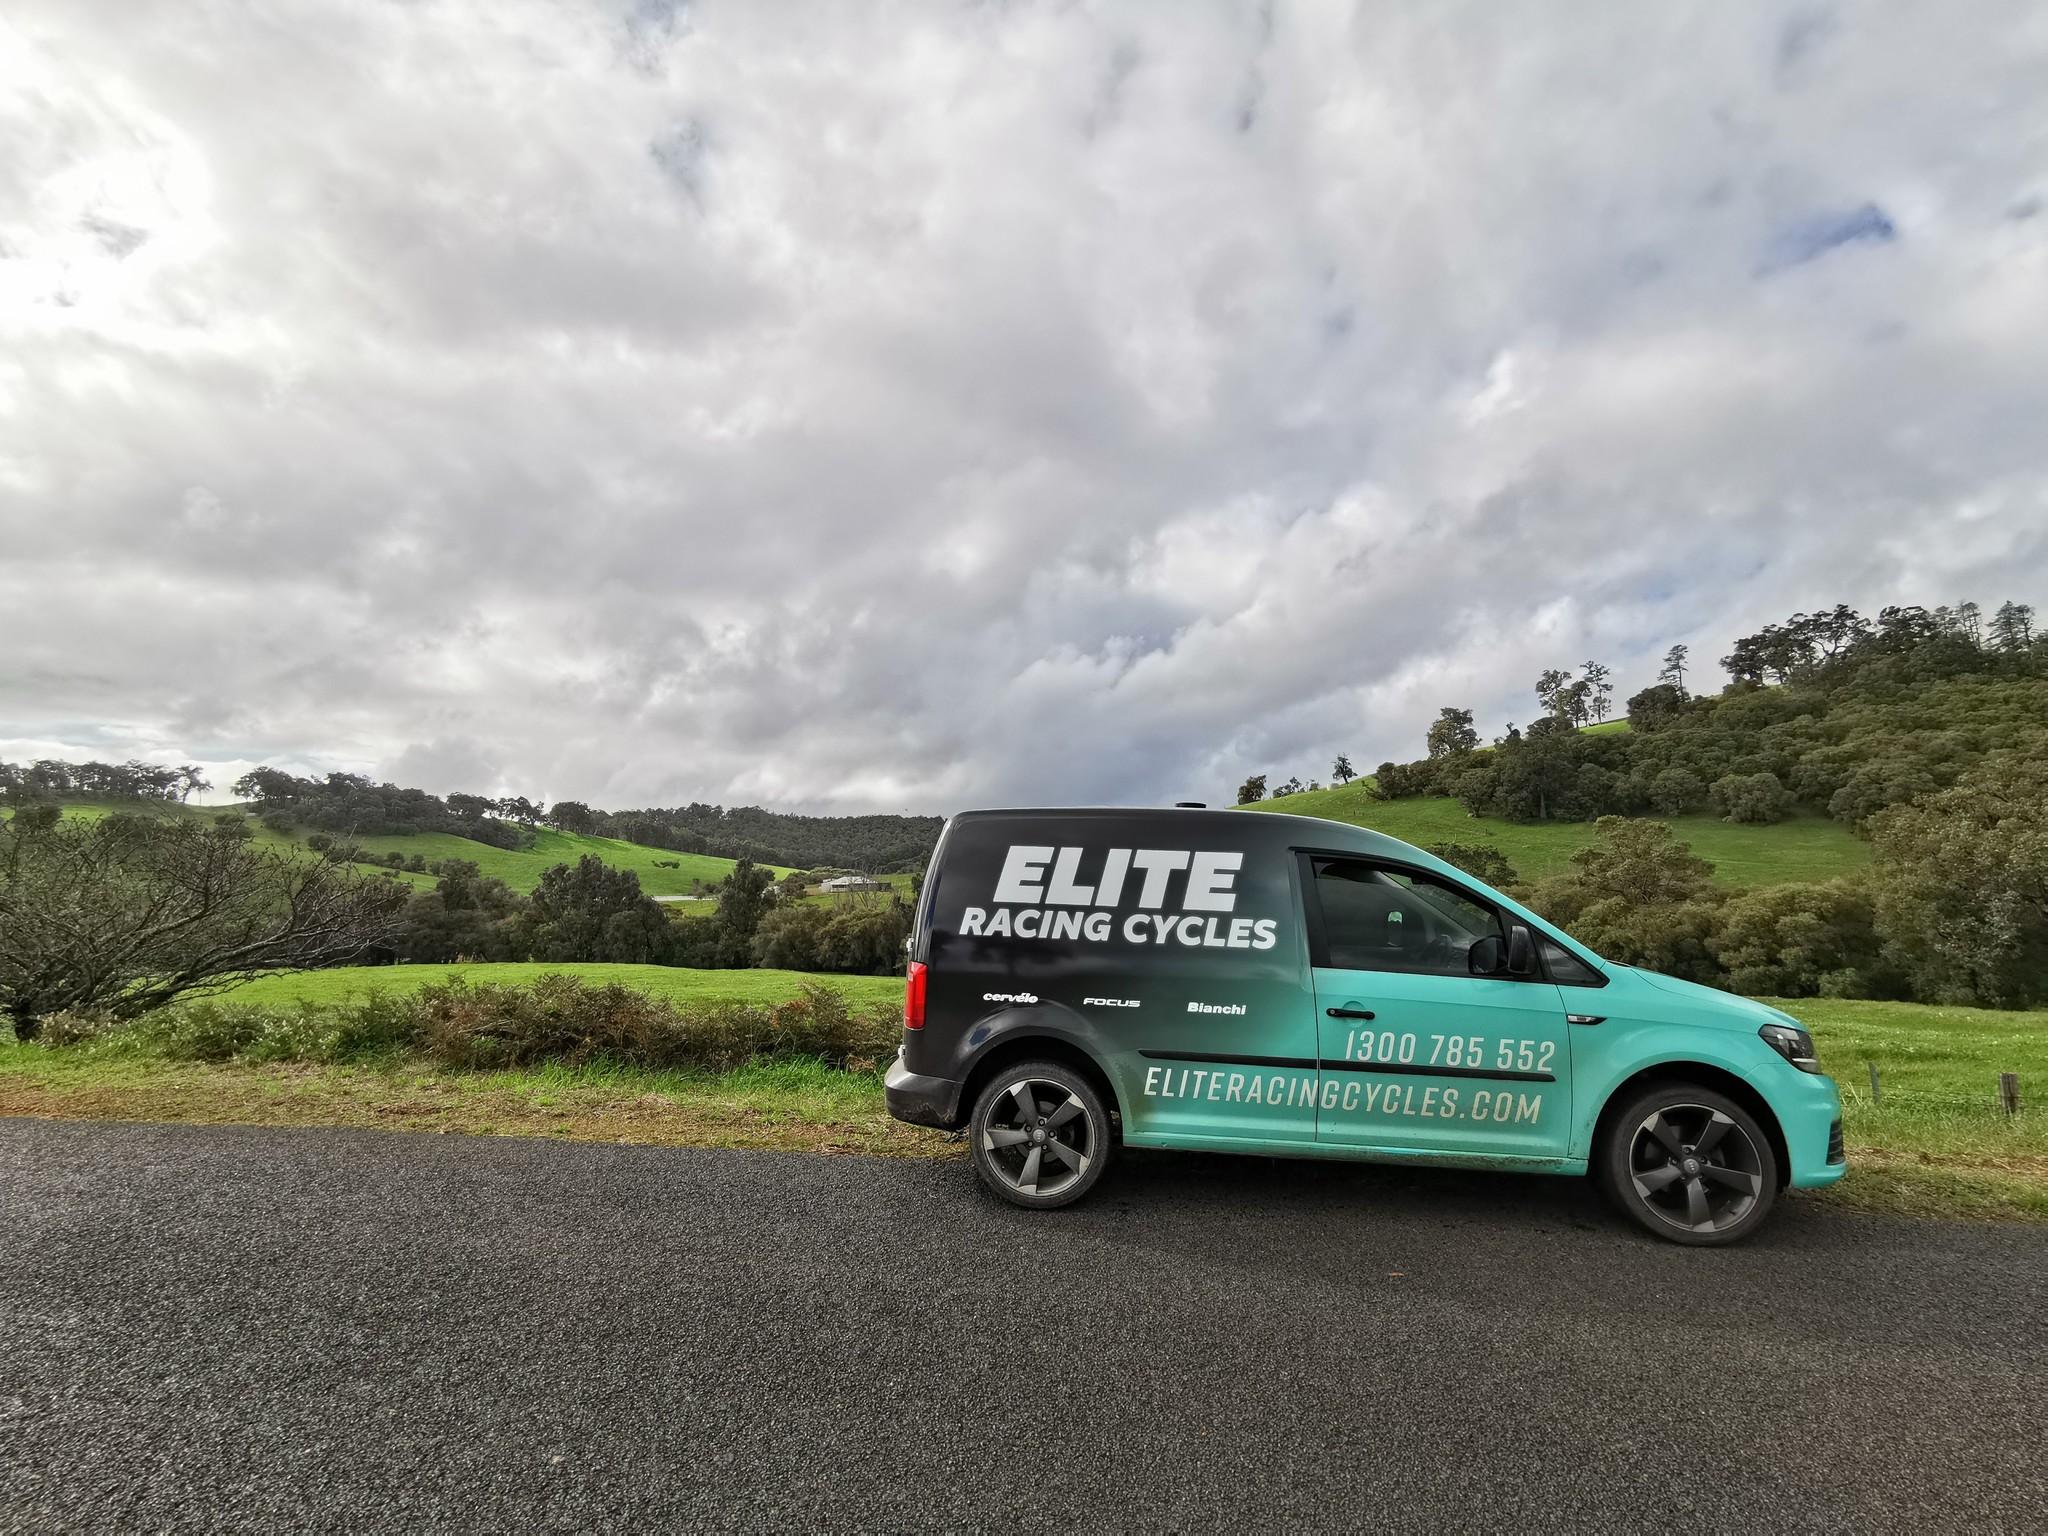 Elite Racing Cycles Van